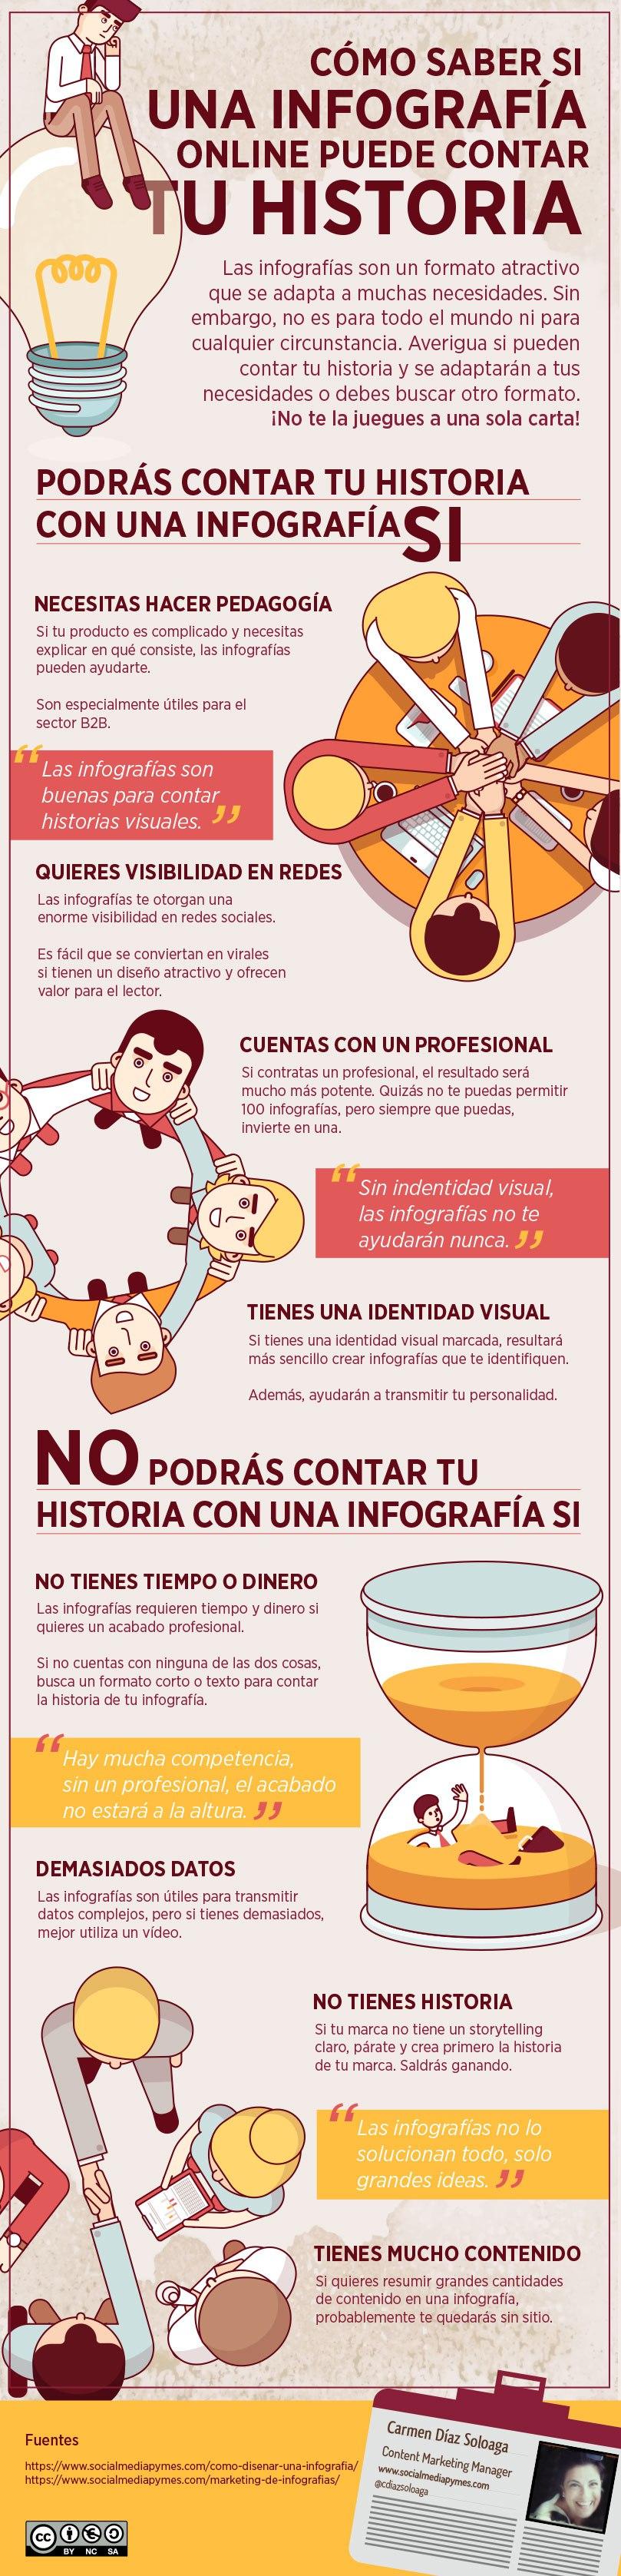 Cómo saber si una infografía online puede contar tu historia #infografia #infographic #marketing